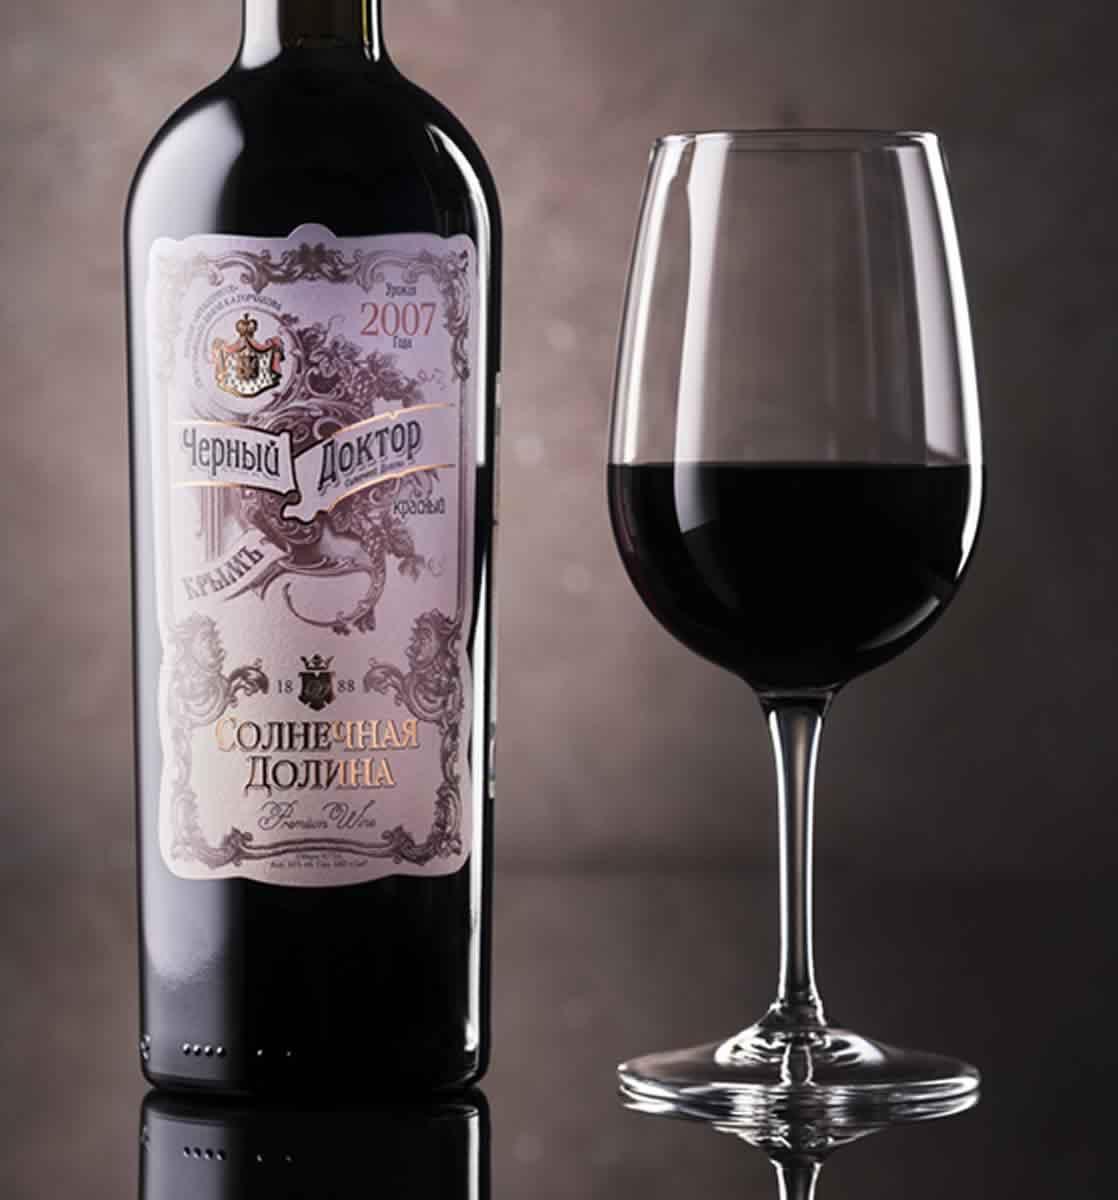 Вино черный доктор: массандра, солнечная долина и другие крымские марки напитка, технология производства, состав и полезные свойства